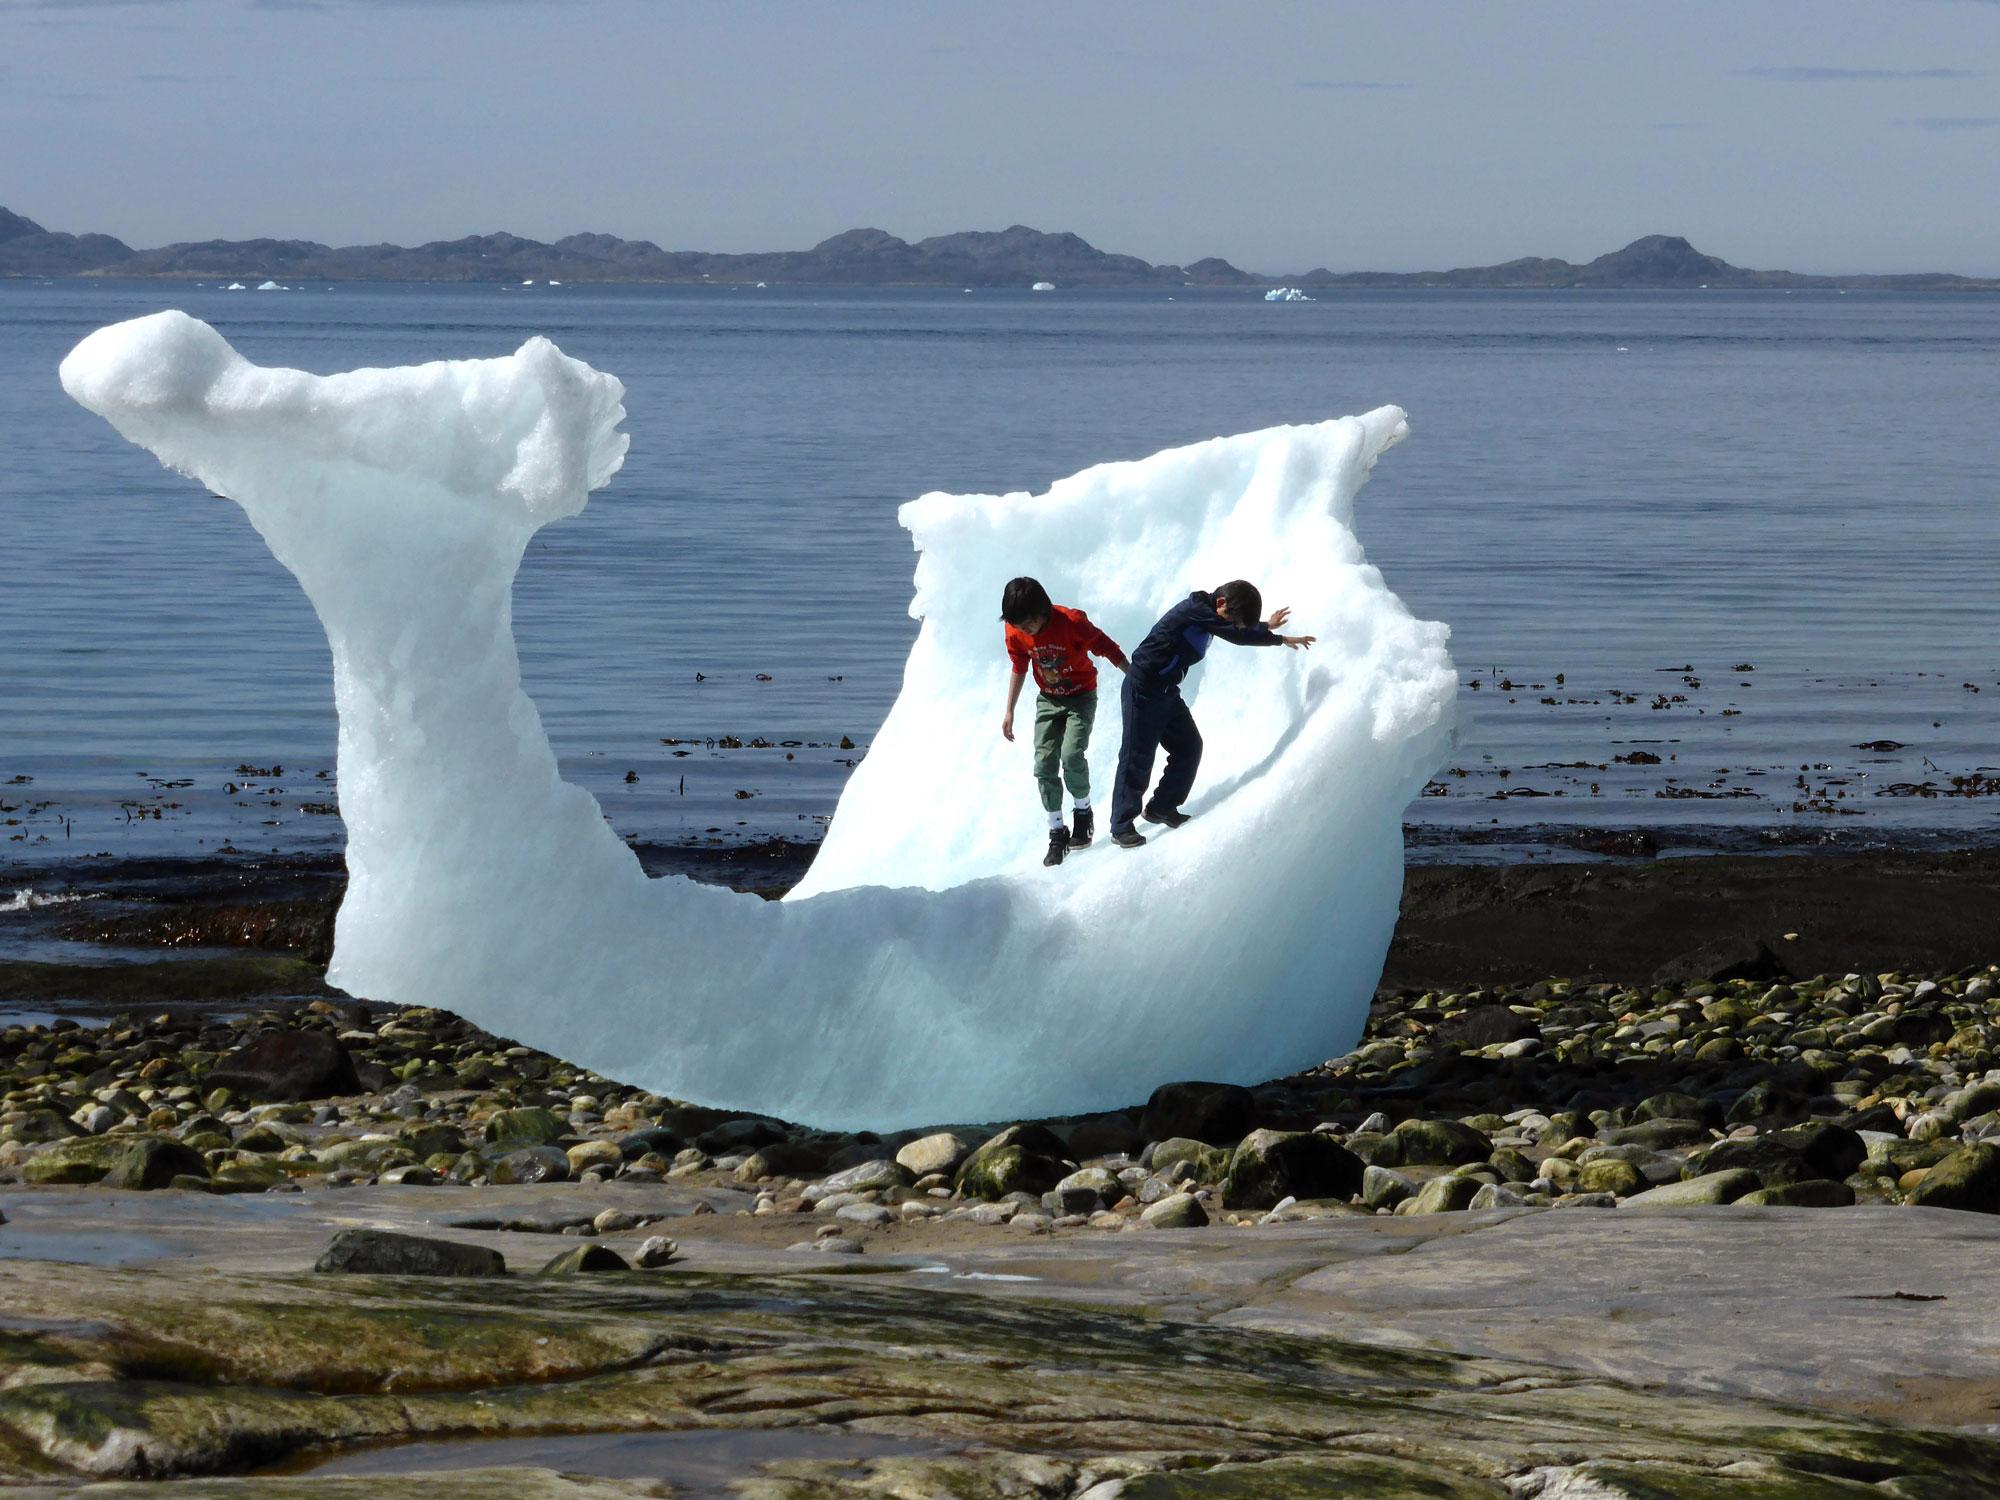 Дети играют среди айсбергов напляже вНууке, Гренландия, 5 июня 2016 г.